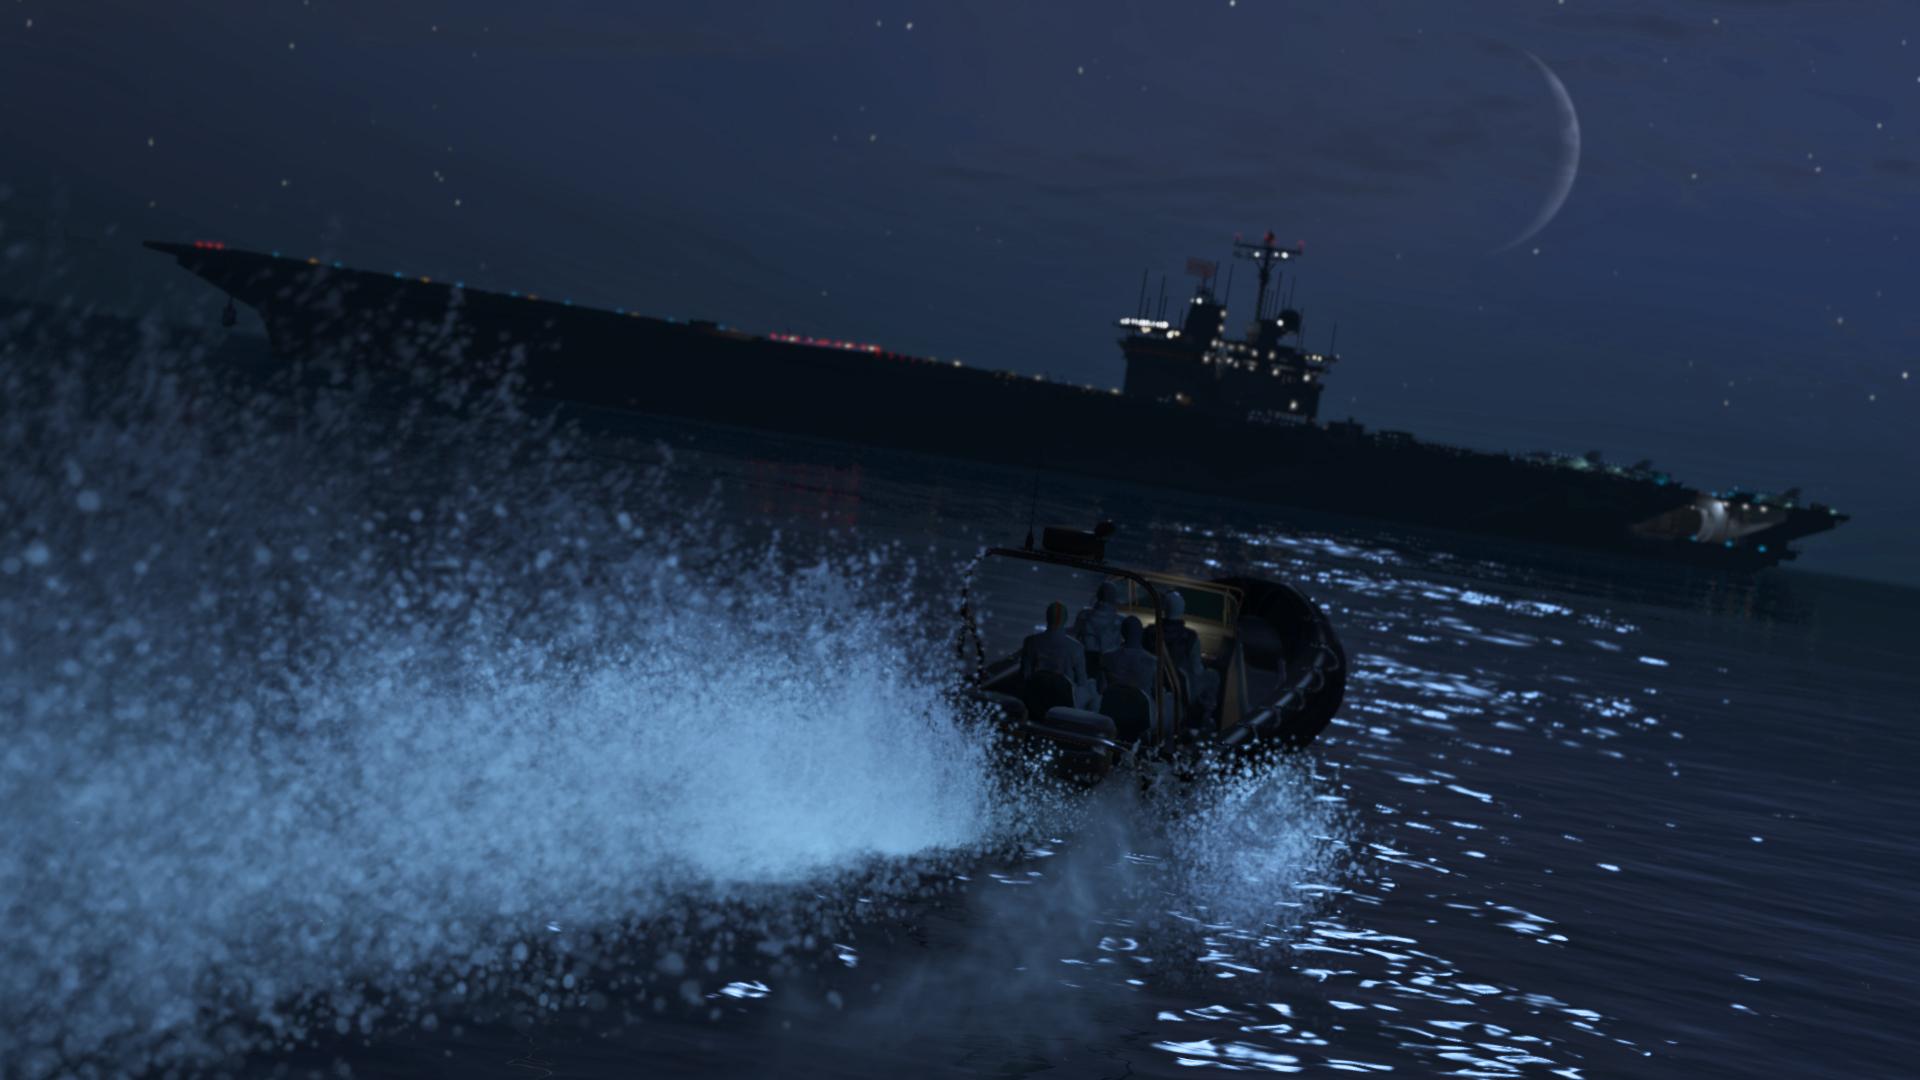 Grand Theft Auto Online Heists Release Date Confirmed